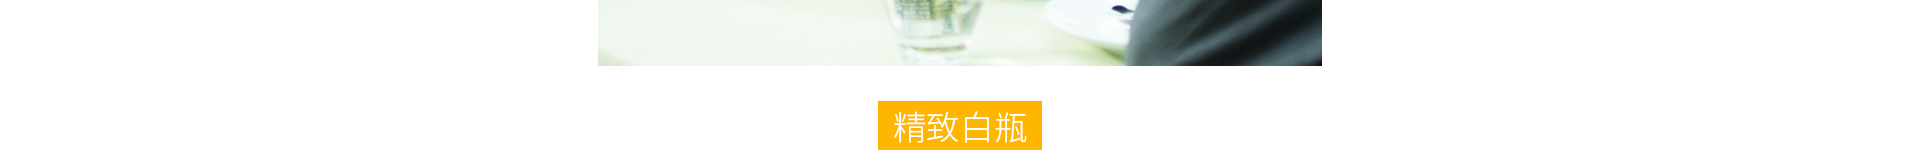 老宗医-吃酒有方-54